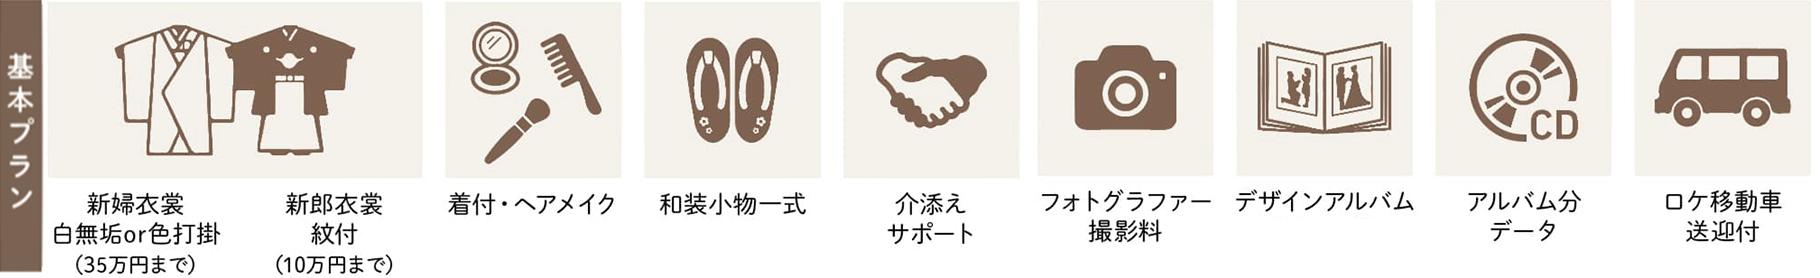 正法寺 ロケーションプラン